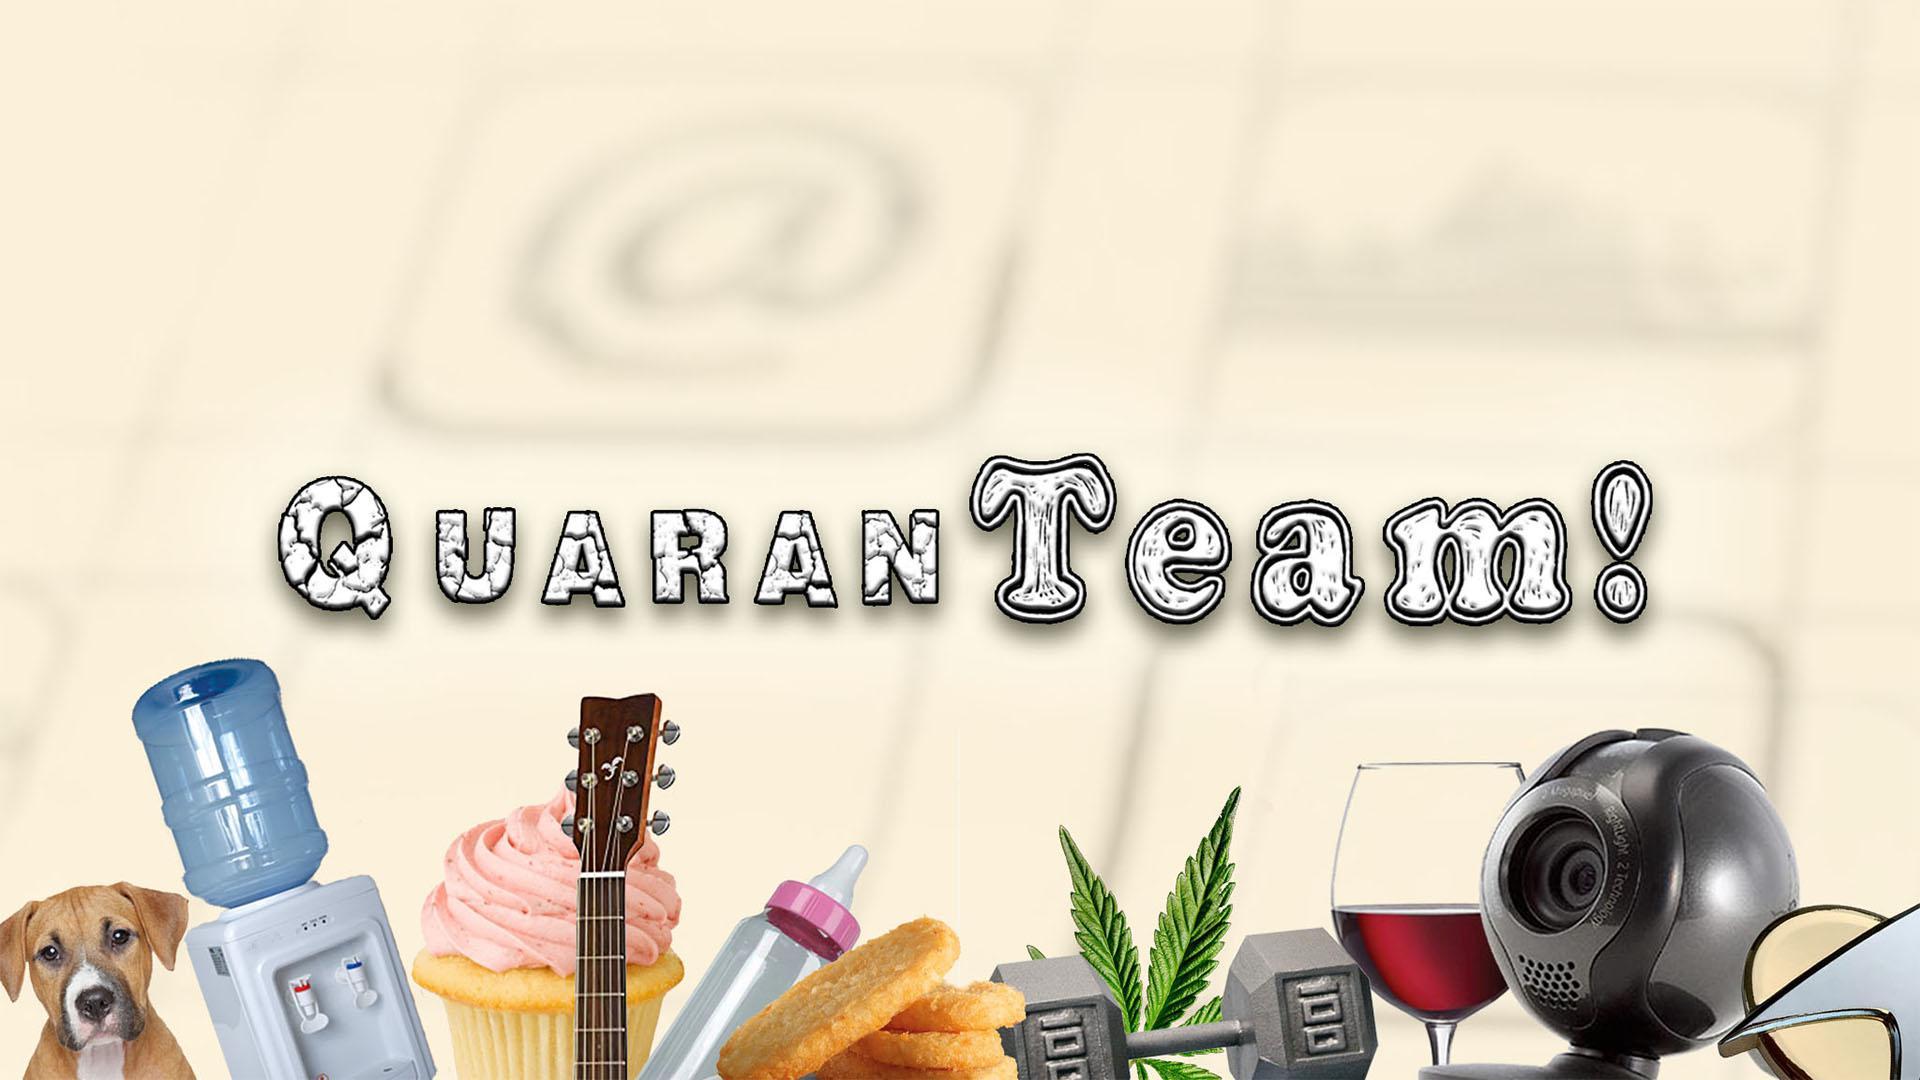 QuaranTeam!